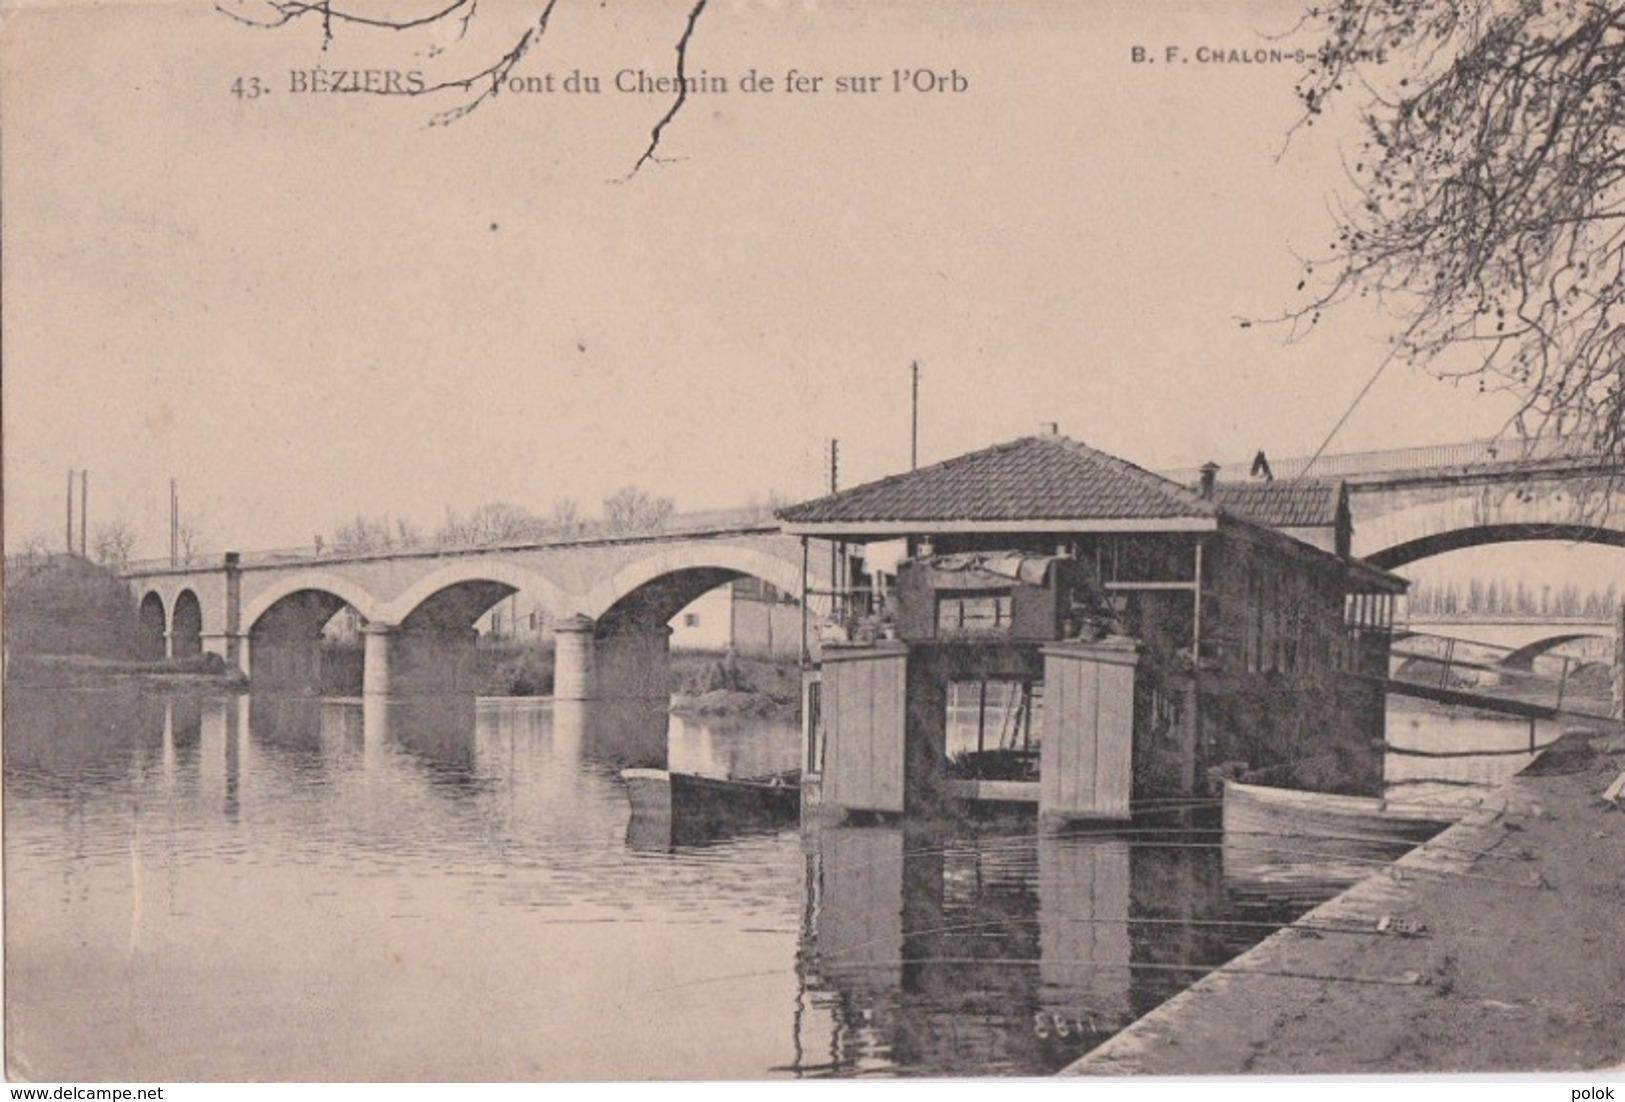 Bv - Cpa BEZIERS - Pont Du Chemin De Fer Sur L'Orb - Beziers